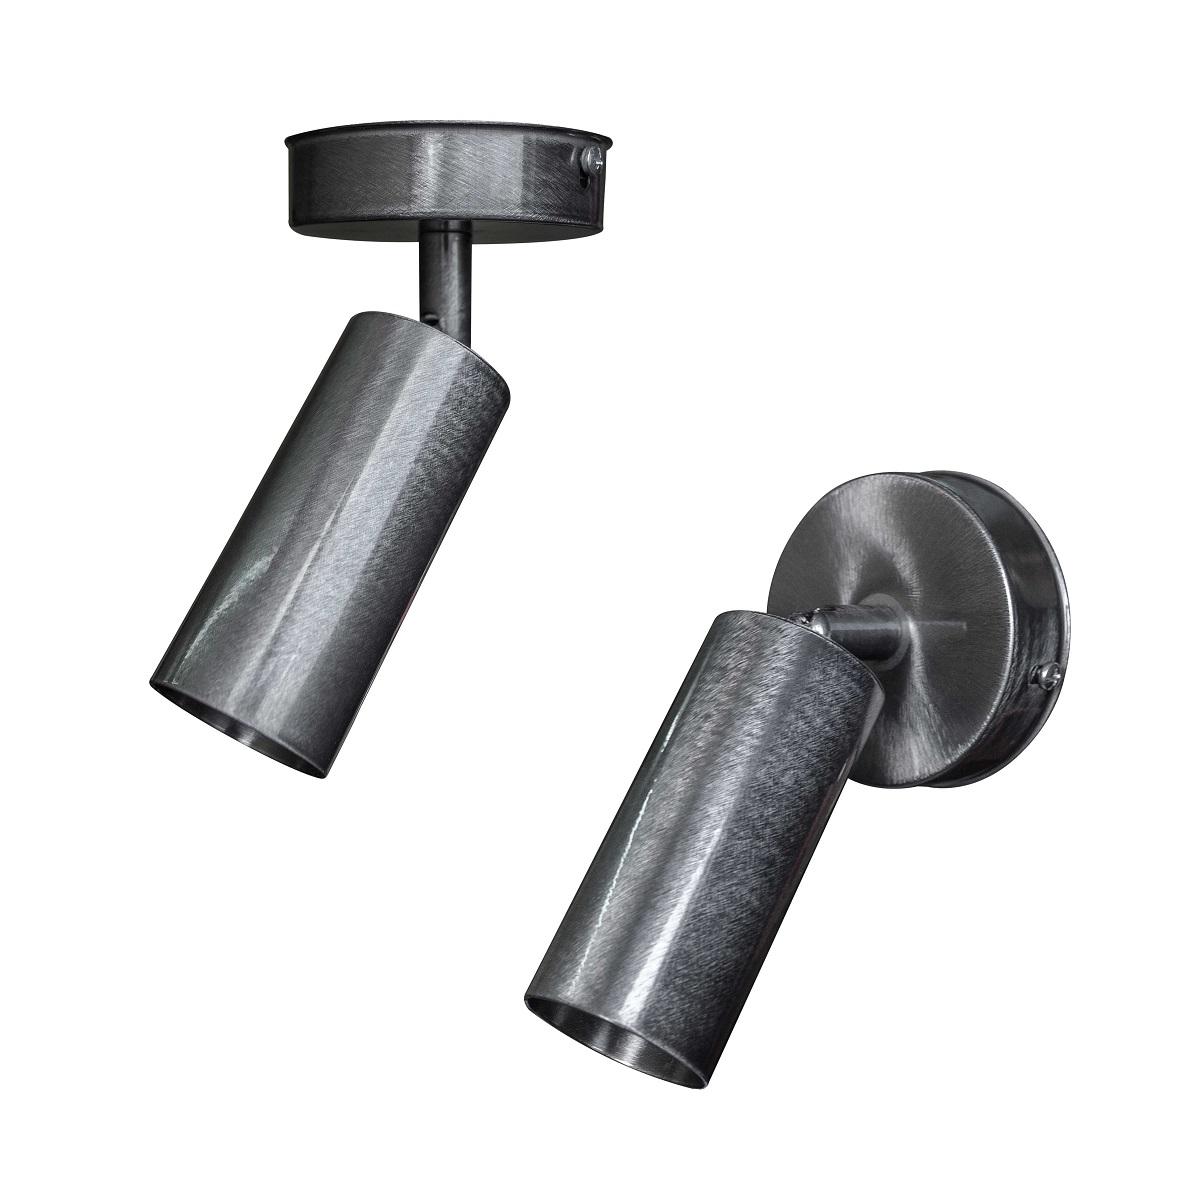 Світильники ЛОФТ - Люстра лофт потолочная с поворотным плафоном 000002761 - Фото 3